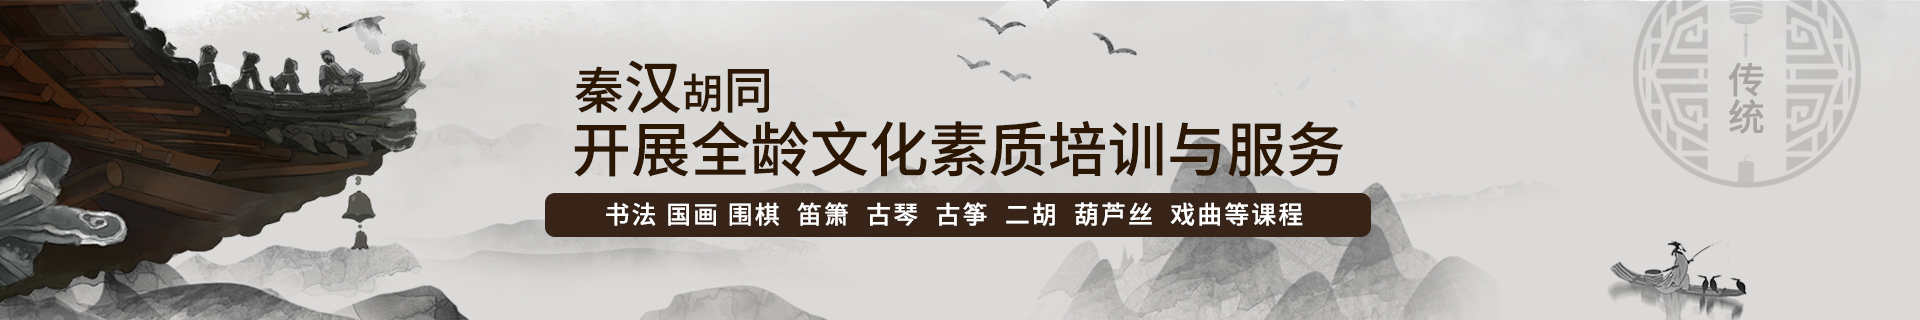 深圳龙岗秦汉胡同国学教育